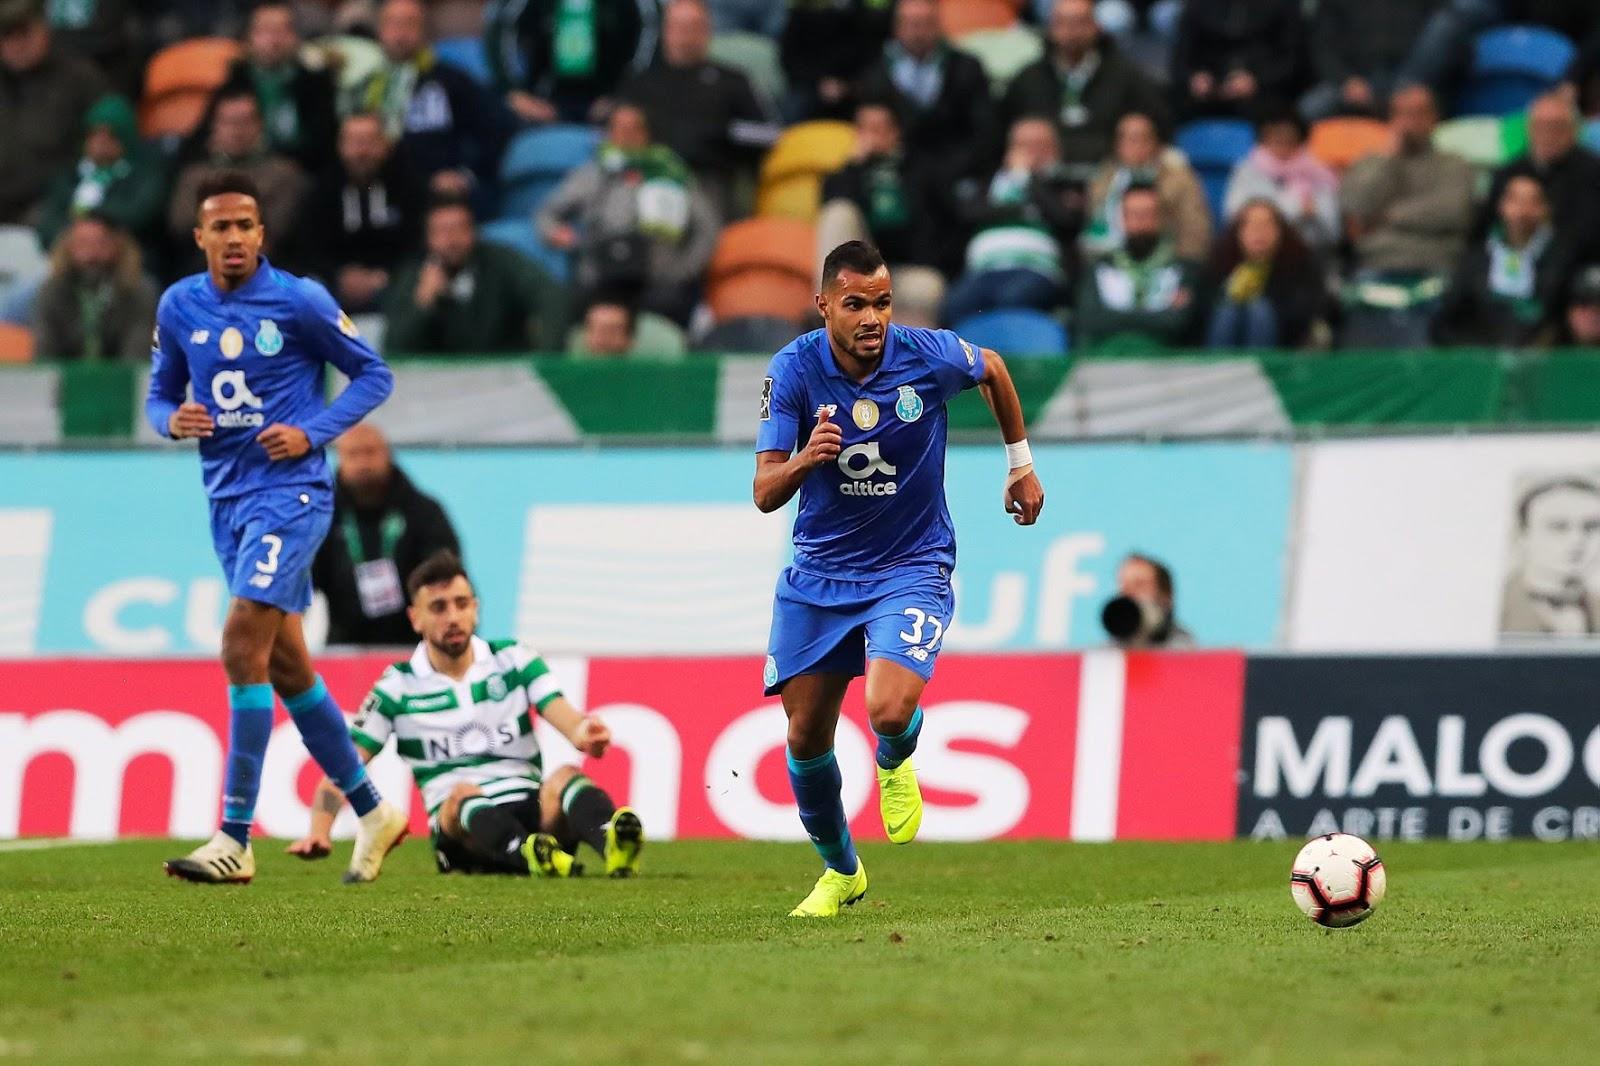 bd3563c7f6 Memória Portista  A propósito do Sporting-FC Porto do final da 1ª ...